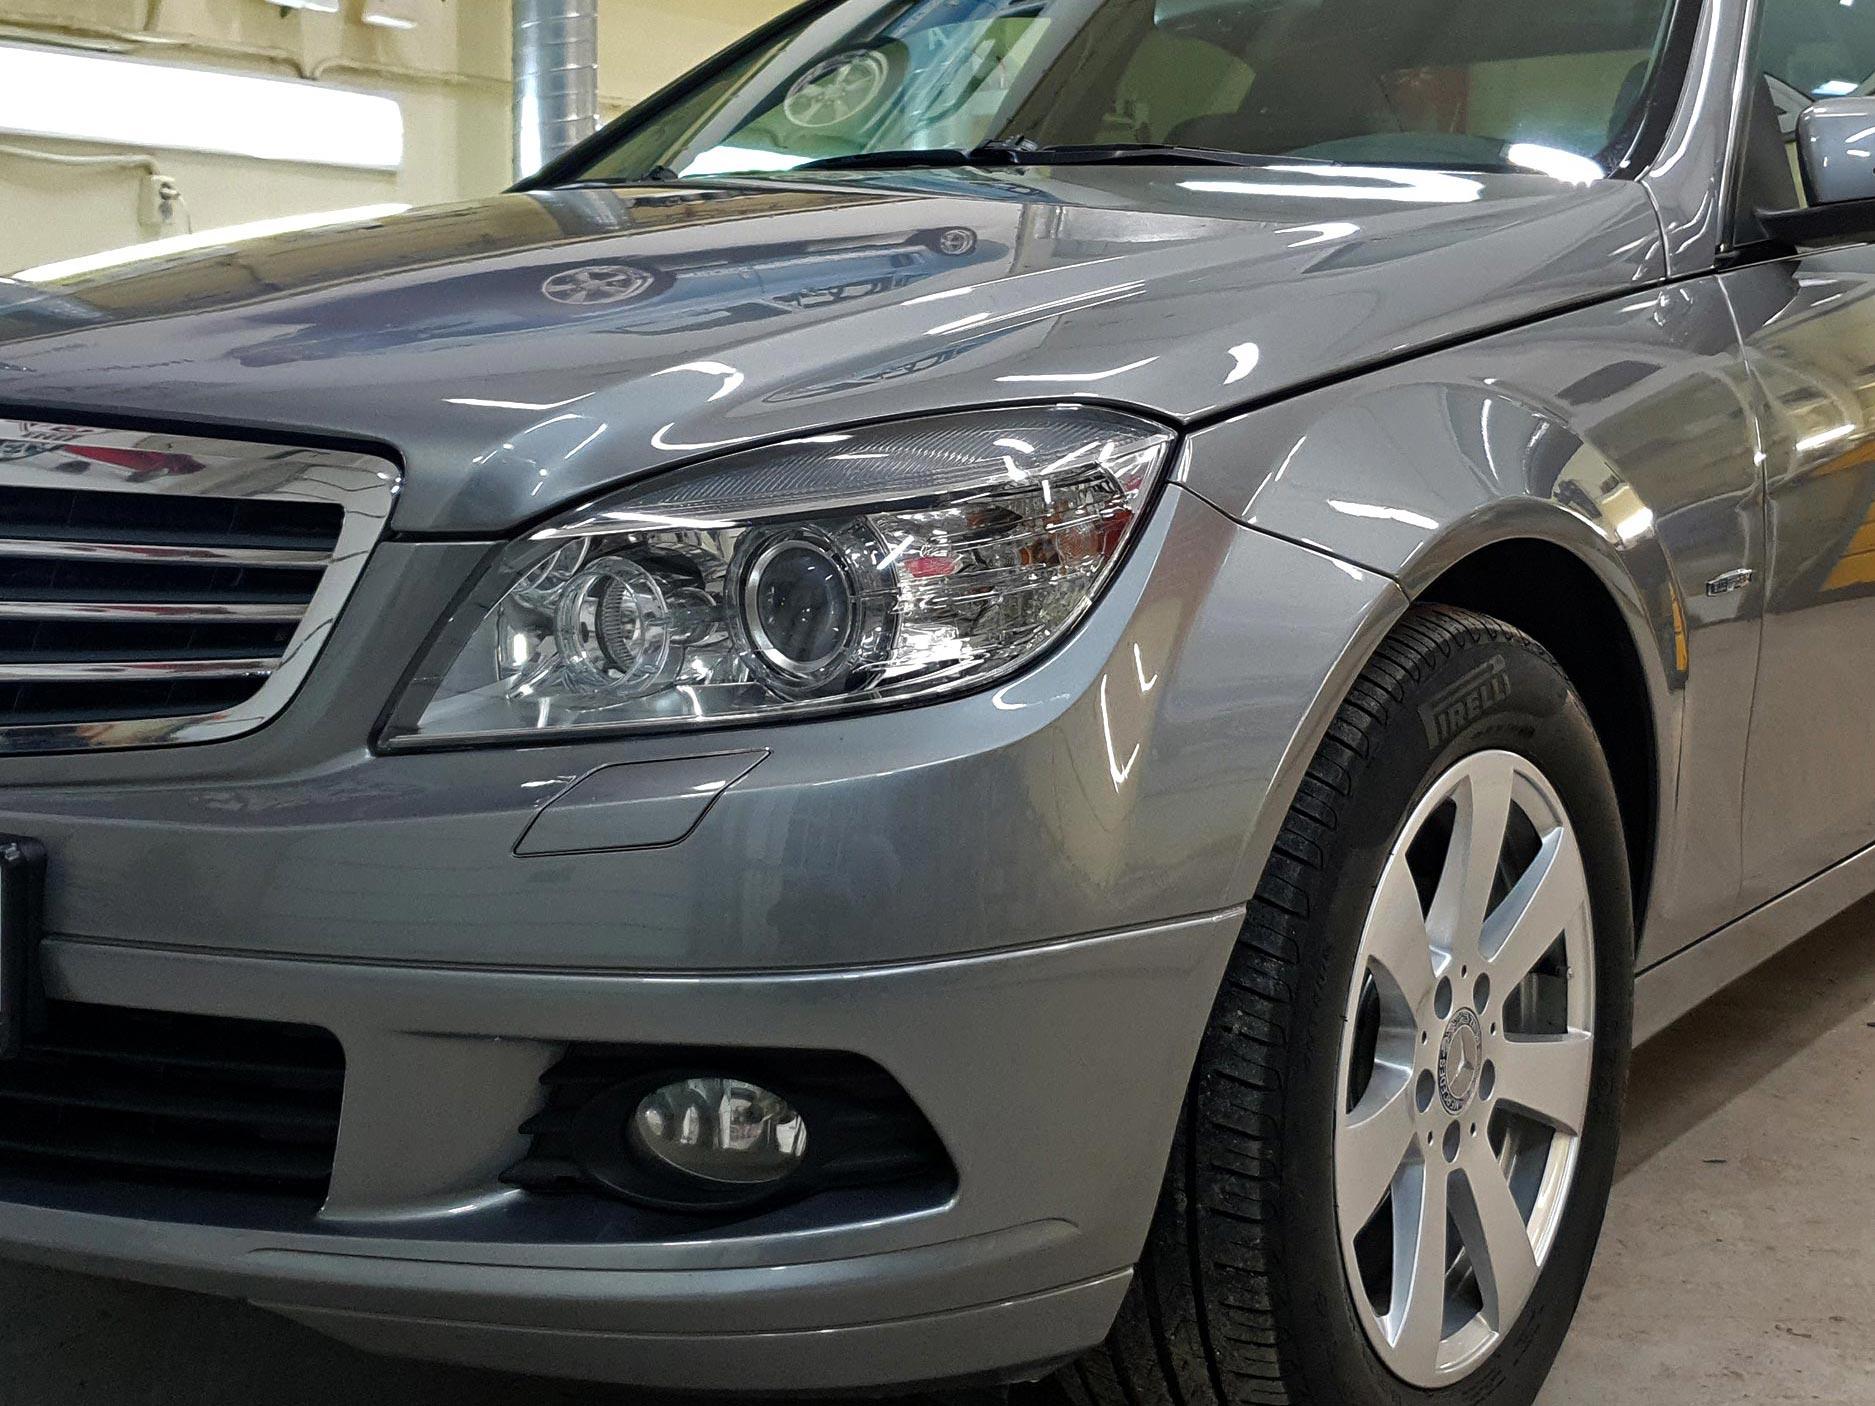 На фото передняя часть Mercedes-Benz C-klasse после обработки керамикой I-SHIELD 9H++